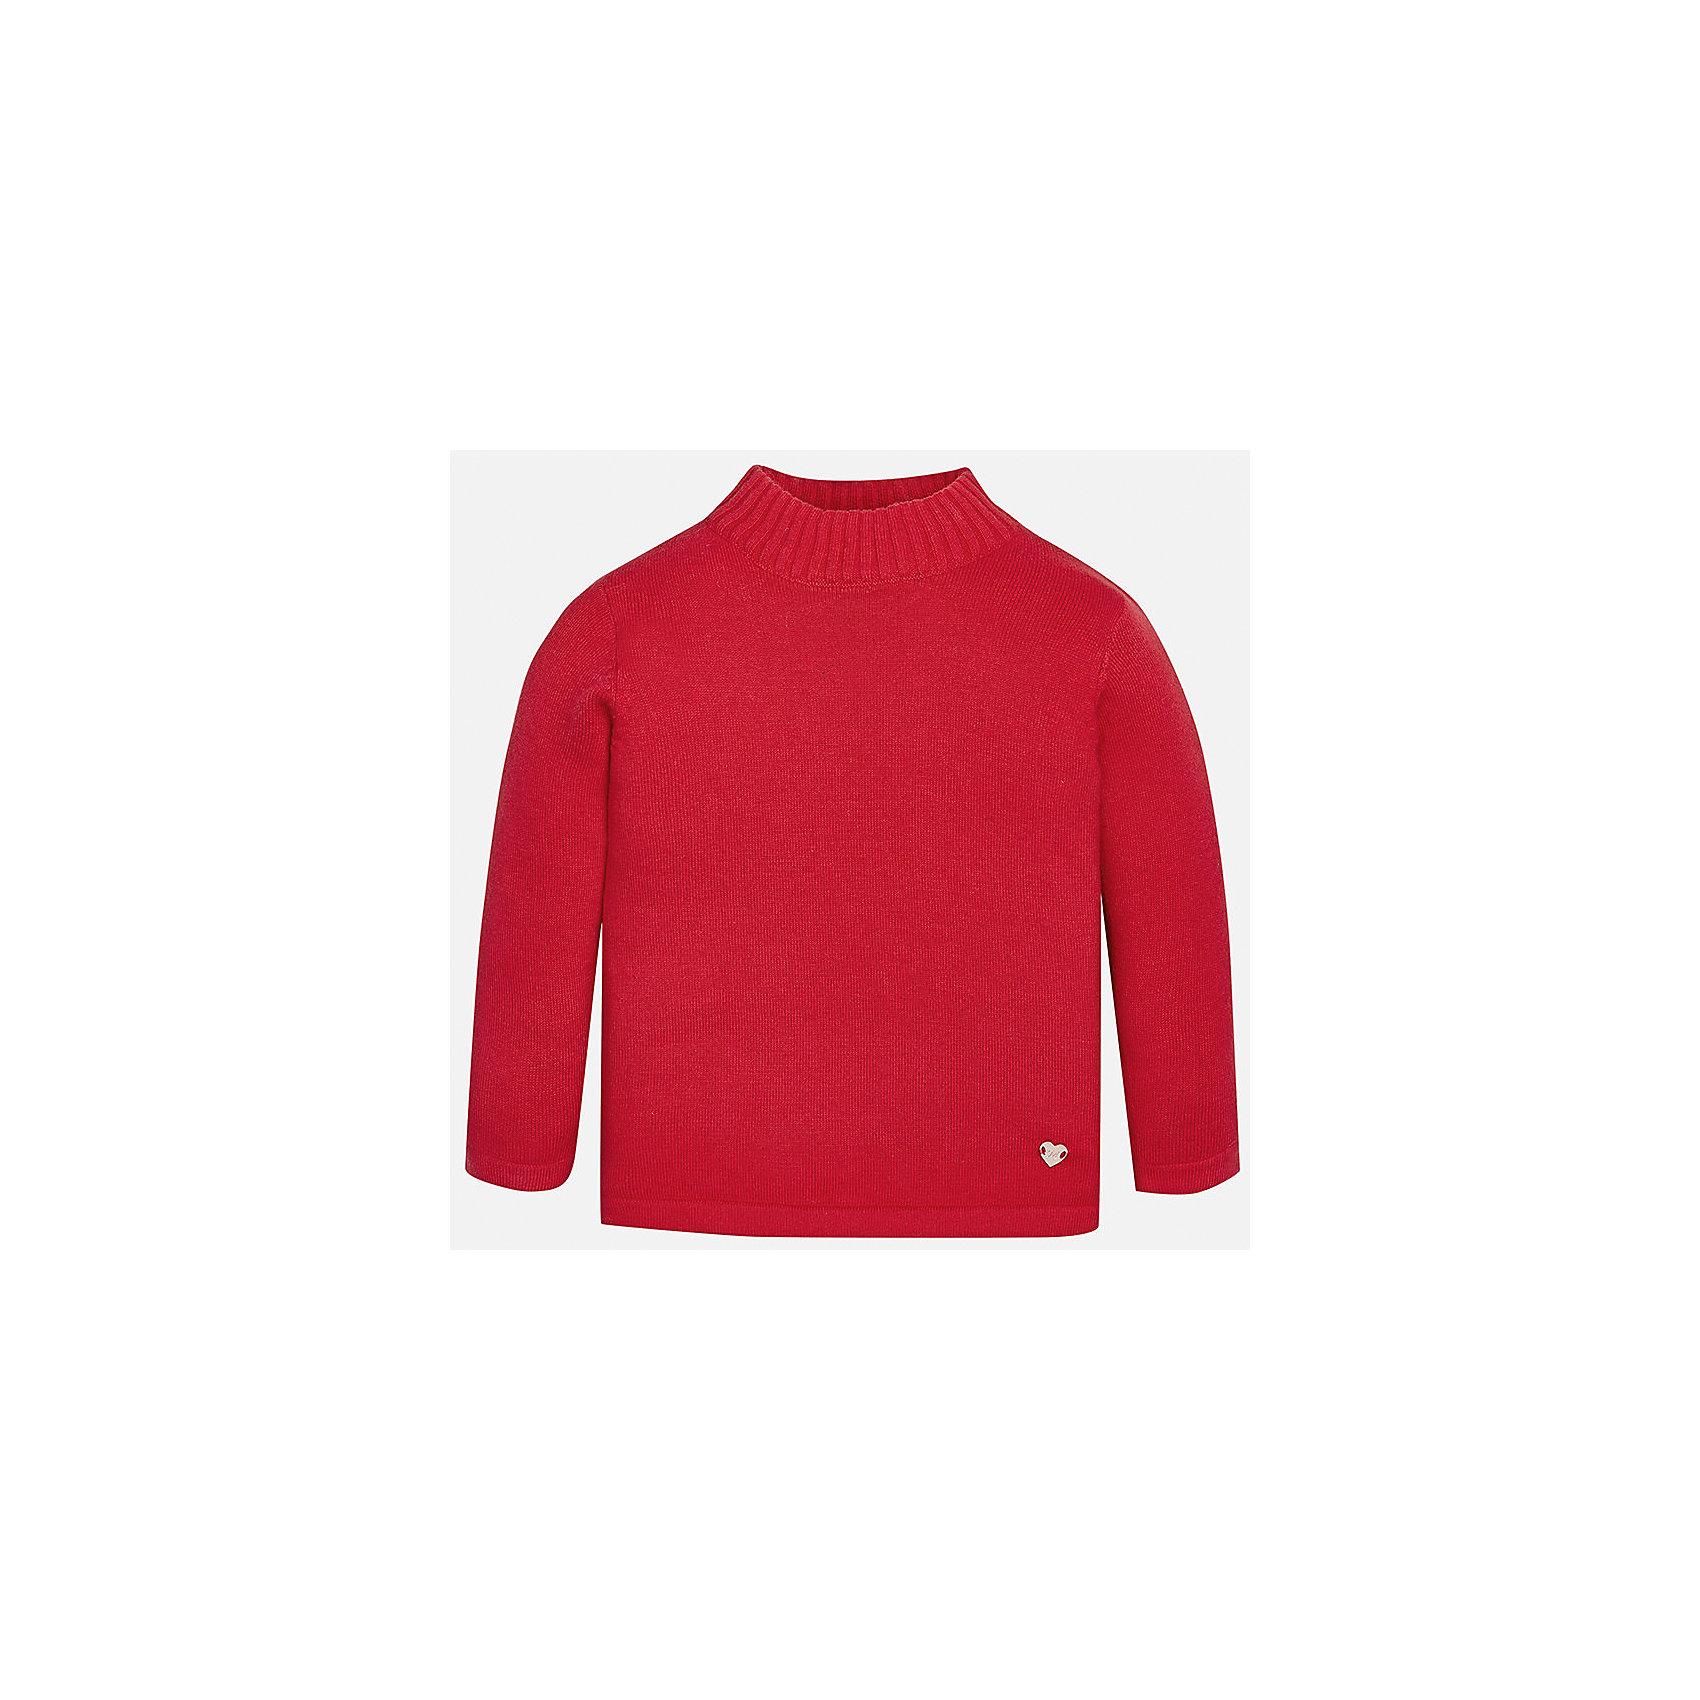 Водолазка Mayoral для девочкиВодолазки<br>Характеристики товара:<br><br>• цвет: красный<br>• состав ткани: 80% хлопок, 17% полиамид, 3% эластан<br>• сезон: демисезон<br>• особенности: однотонная<br>• длинные рукава<br>• страна бренда: Испания<br>• страна изготовитель: Индия<br><br>Яркий свитер для девочки от Майорал подарит ребенку комфорт и тепло. Детский свитер отличается модным и продуманным дизайном. В однотонном свитере для девочки от испанской компании Майорал ребенок будет выглядеть модно, а чувствовать себя - комфортно. <br><br>Свитер для девочки Mayoral (Майорал) можно купить в нашем интернет-магазине.<br><br>Ширина мм: 230<br>Глубина мм: 40<br>Высота мм: 220<br>Вес г: 250<br>Цвет: красный<br>Возраст от месяцев: 24<br>Возраст до месяцев: 36<br>Пол: Женский<br>Возраст: Детский<br>Размер: 98,74,80,86,92<br>SKU: 6919980